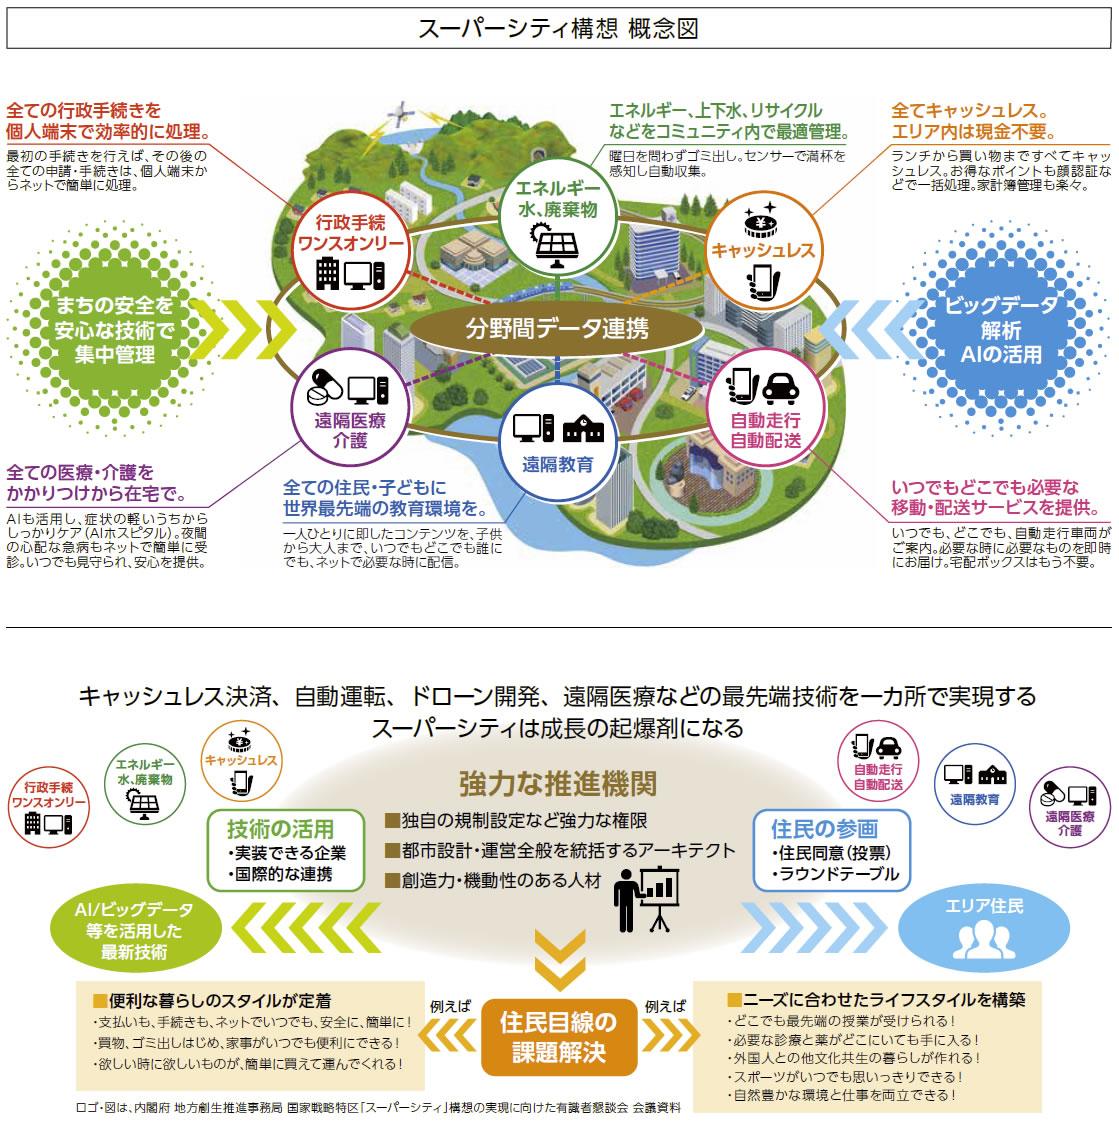 スーパーシティ構想 概念図